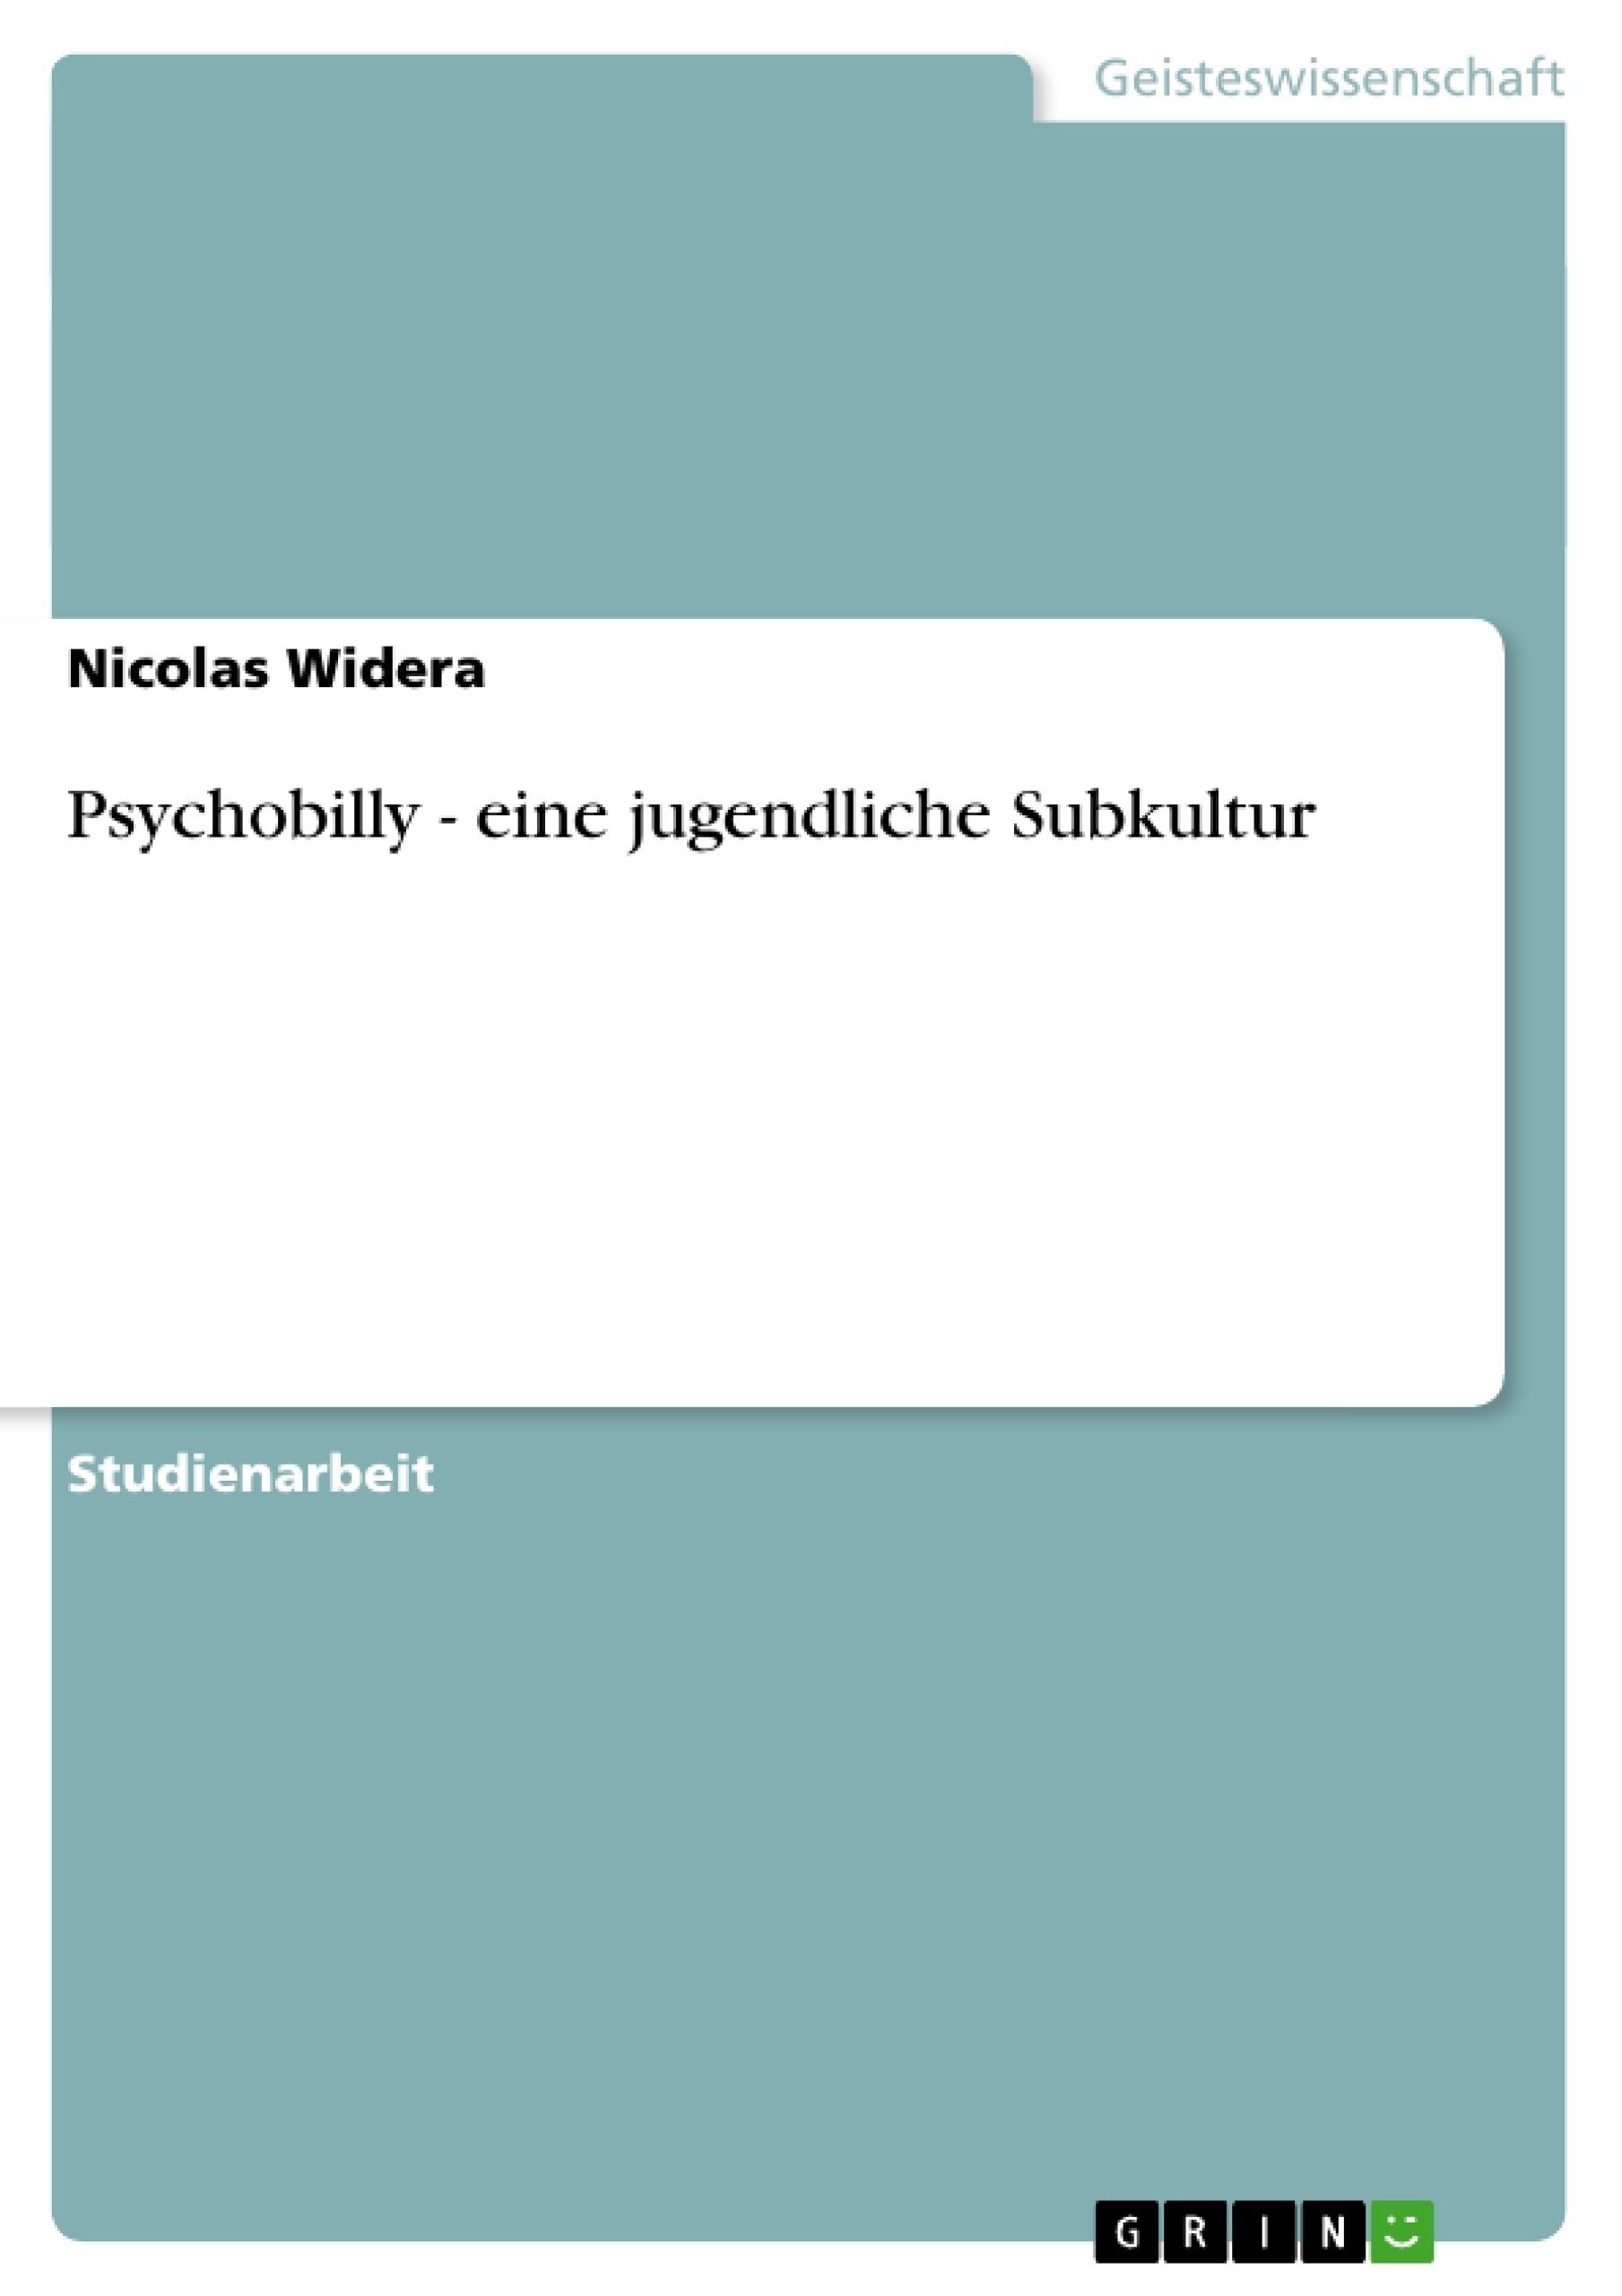 Titel: Psychobilly - eine jugendliche Subkultur